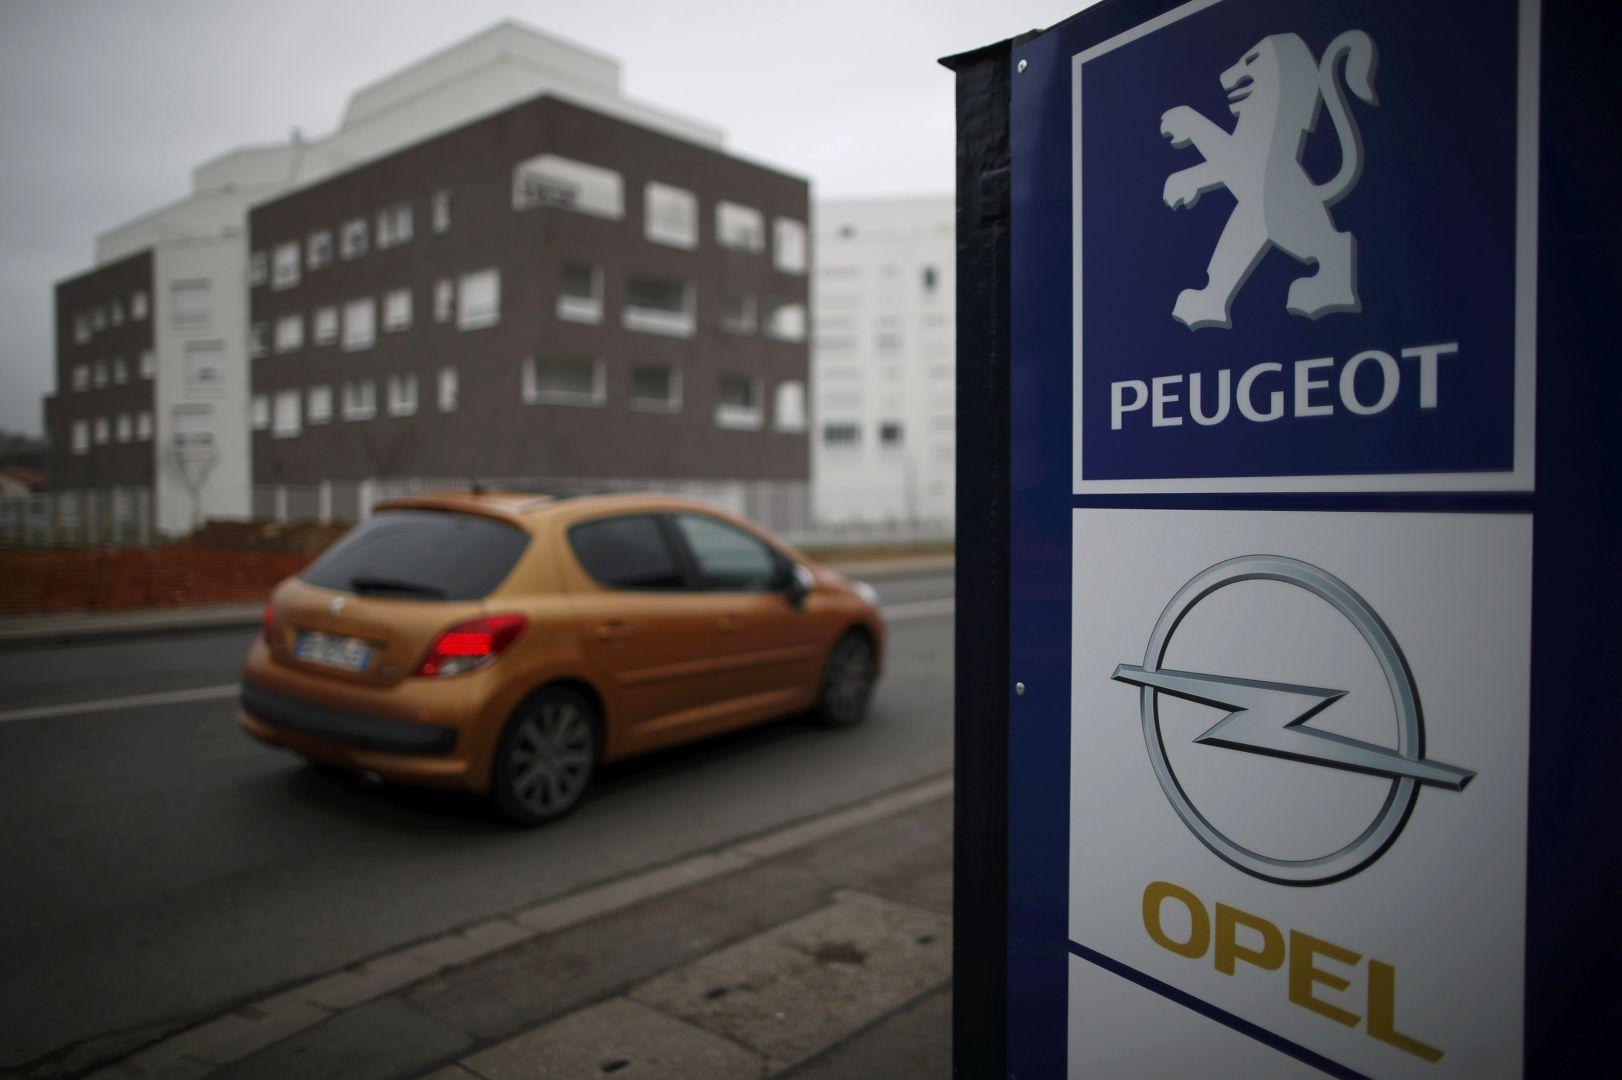 Cделка по покупке Opel близится к завершению 1